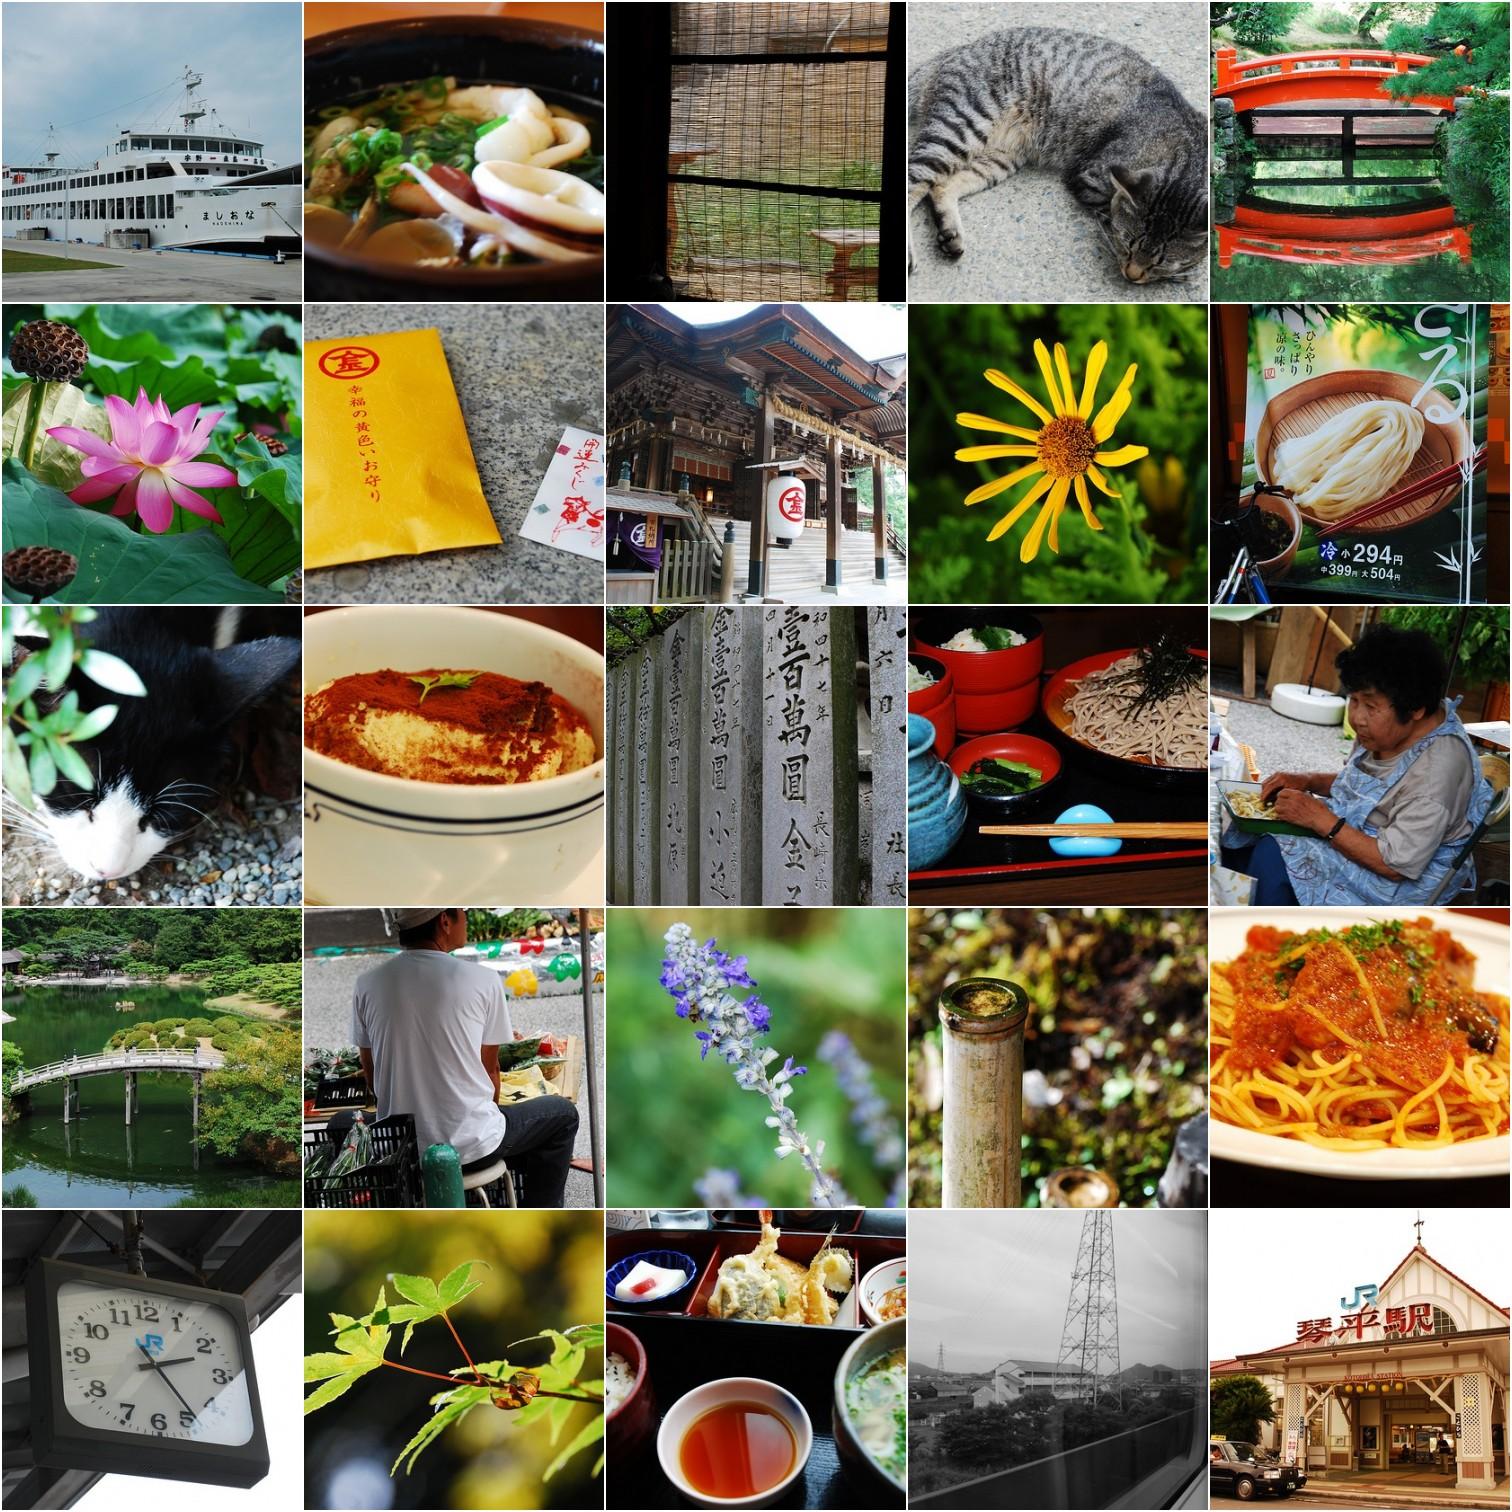 2008-09-16 2008仲夏WWOOF之旅:最後的高松&高知.jpg